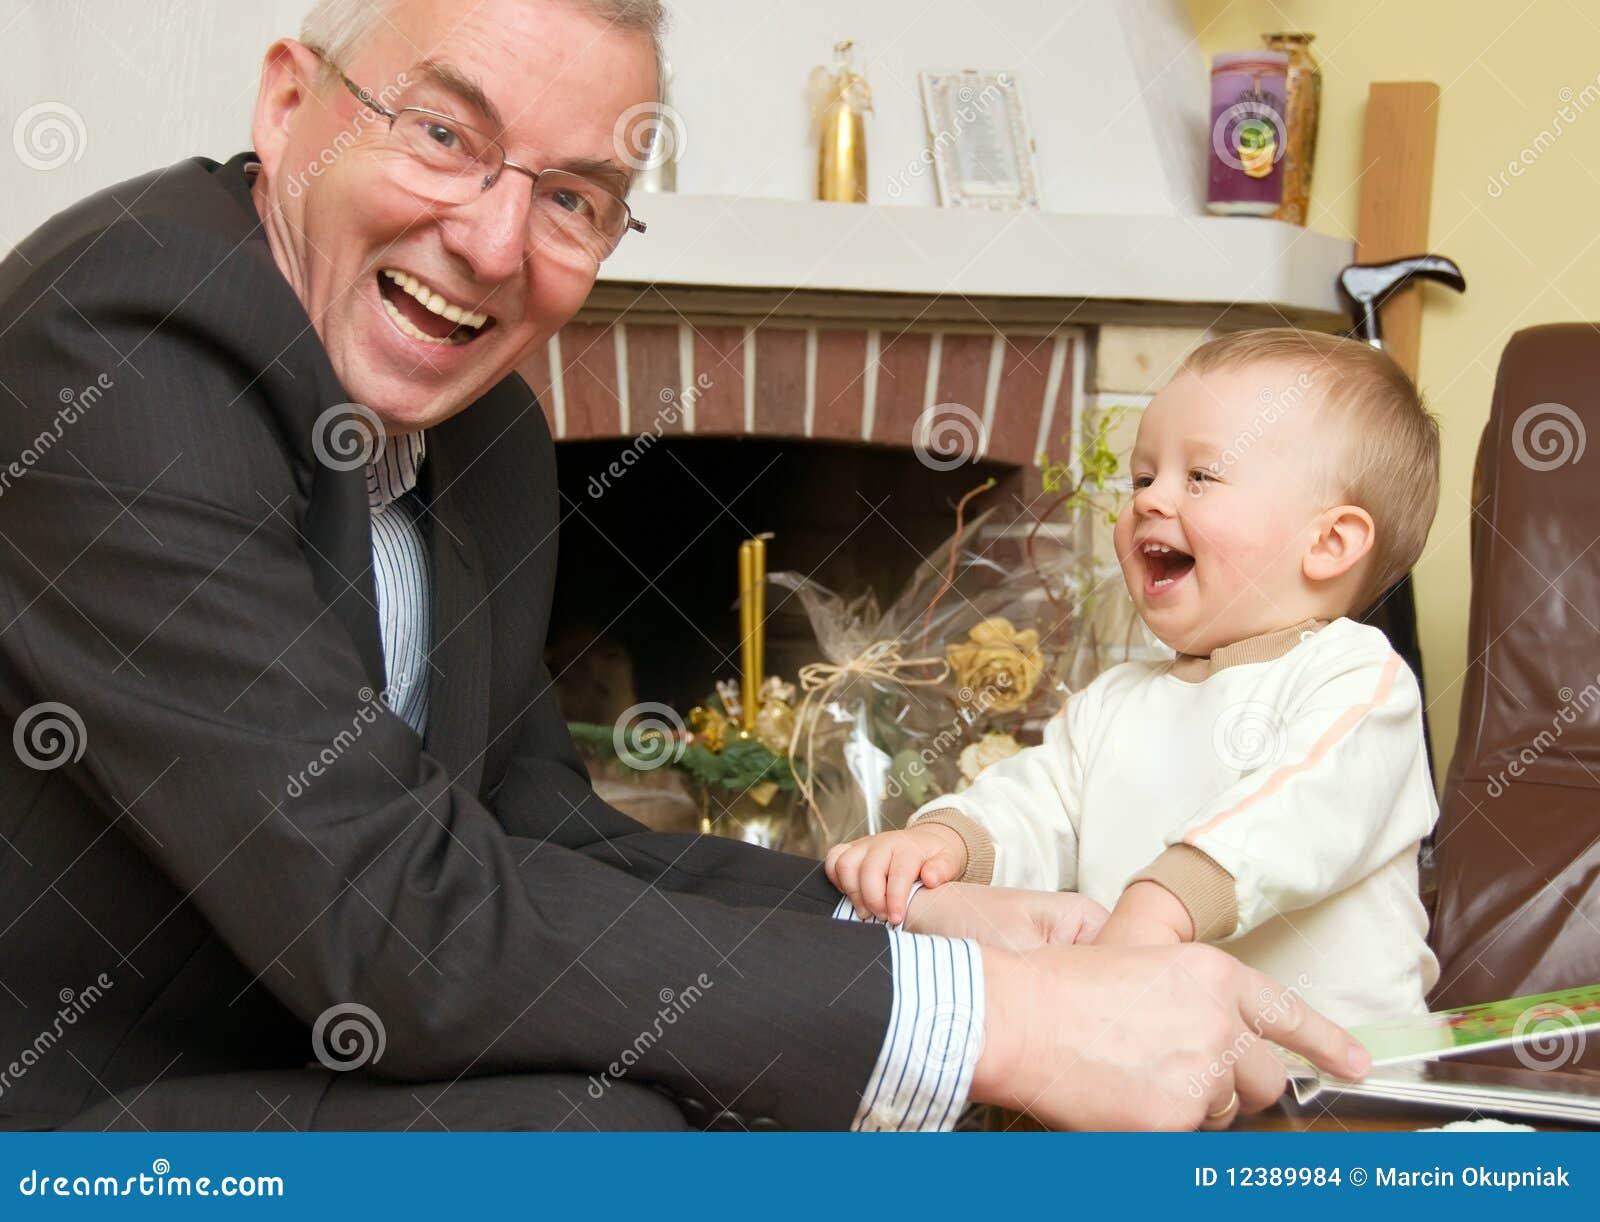 Grootvader met kleinzoon